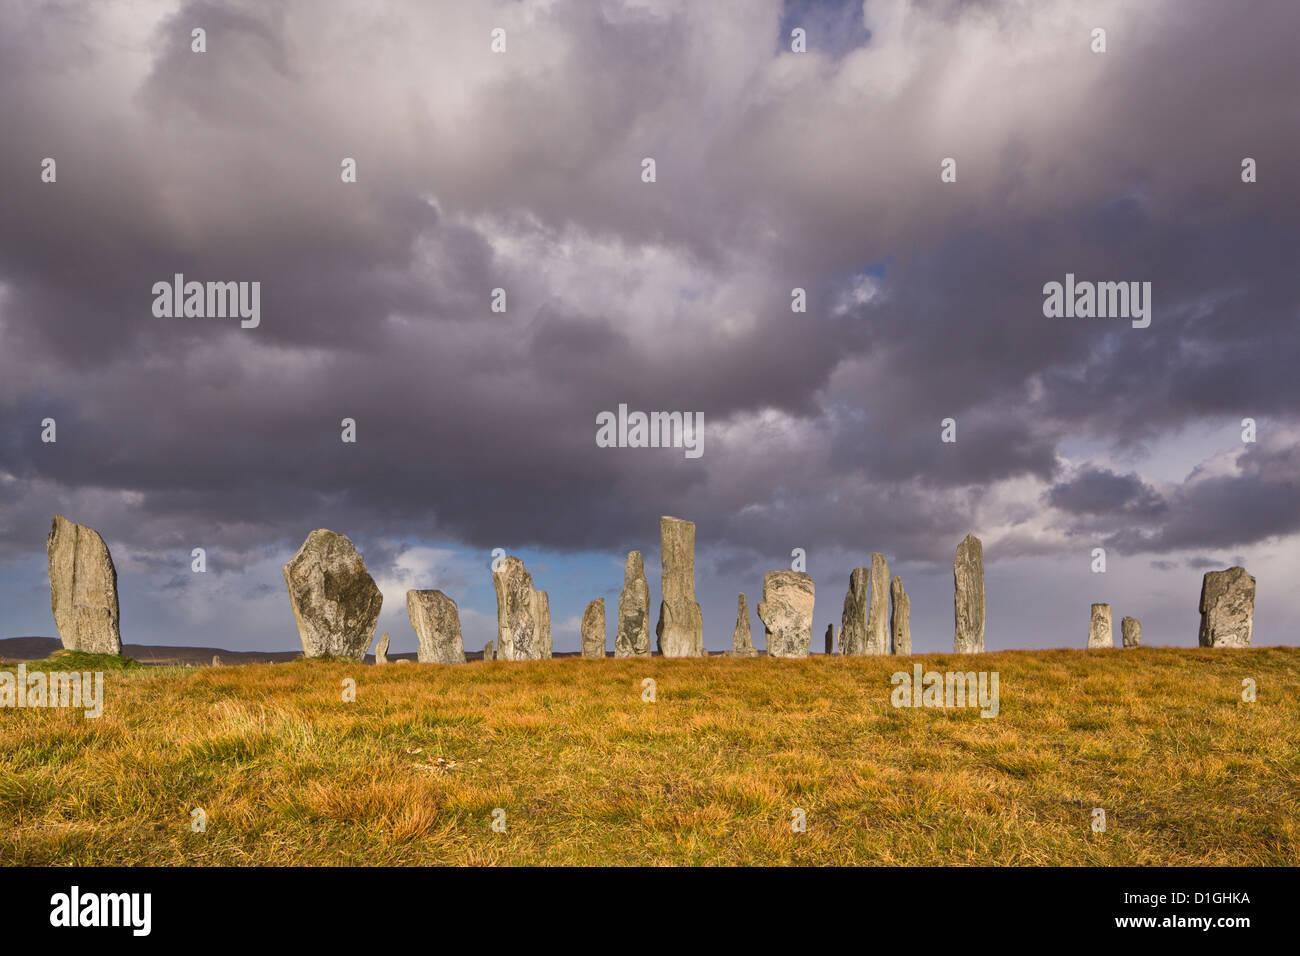 Showery meteo a Callanish Stone Circle, isola di Lewis, Ebridi Esterne, Scotland, Regno Unito, Europa Immagini Stock